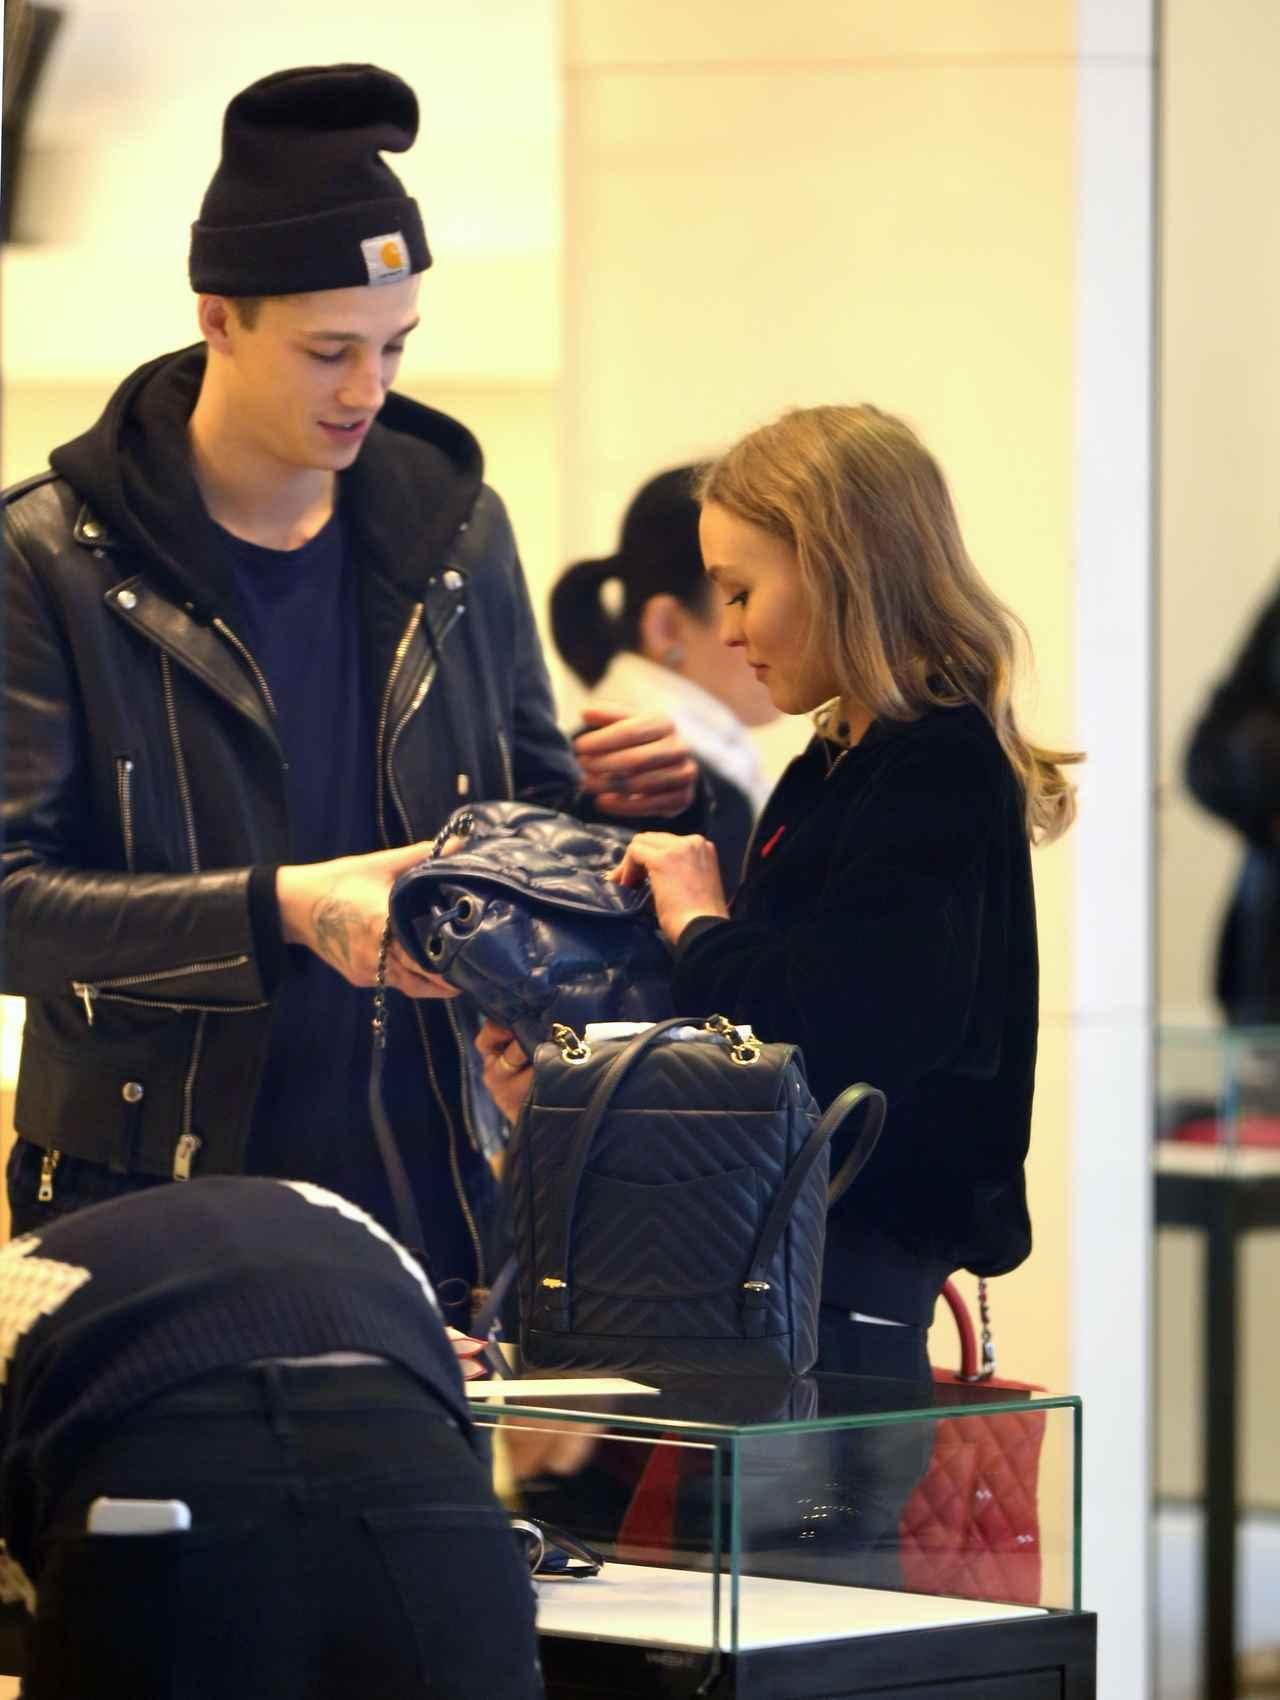 画像: シャネルのお店で買い物する2人。